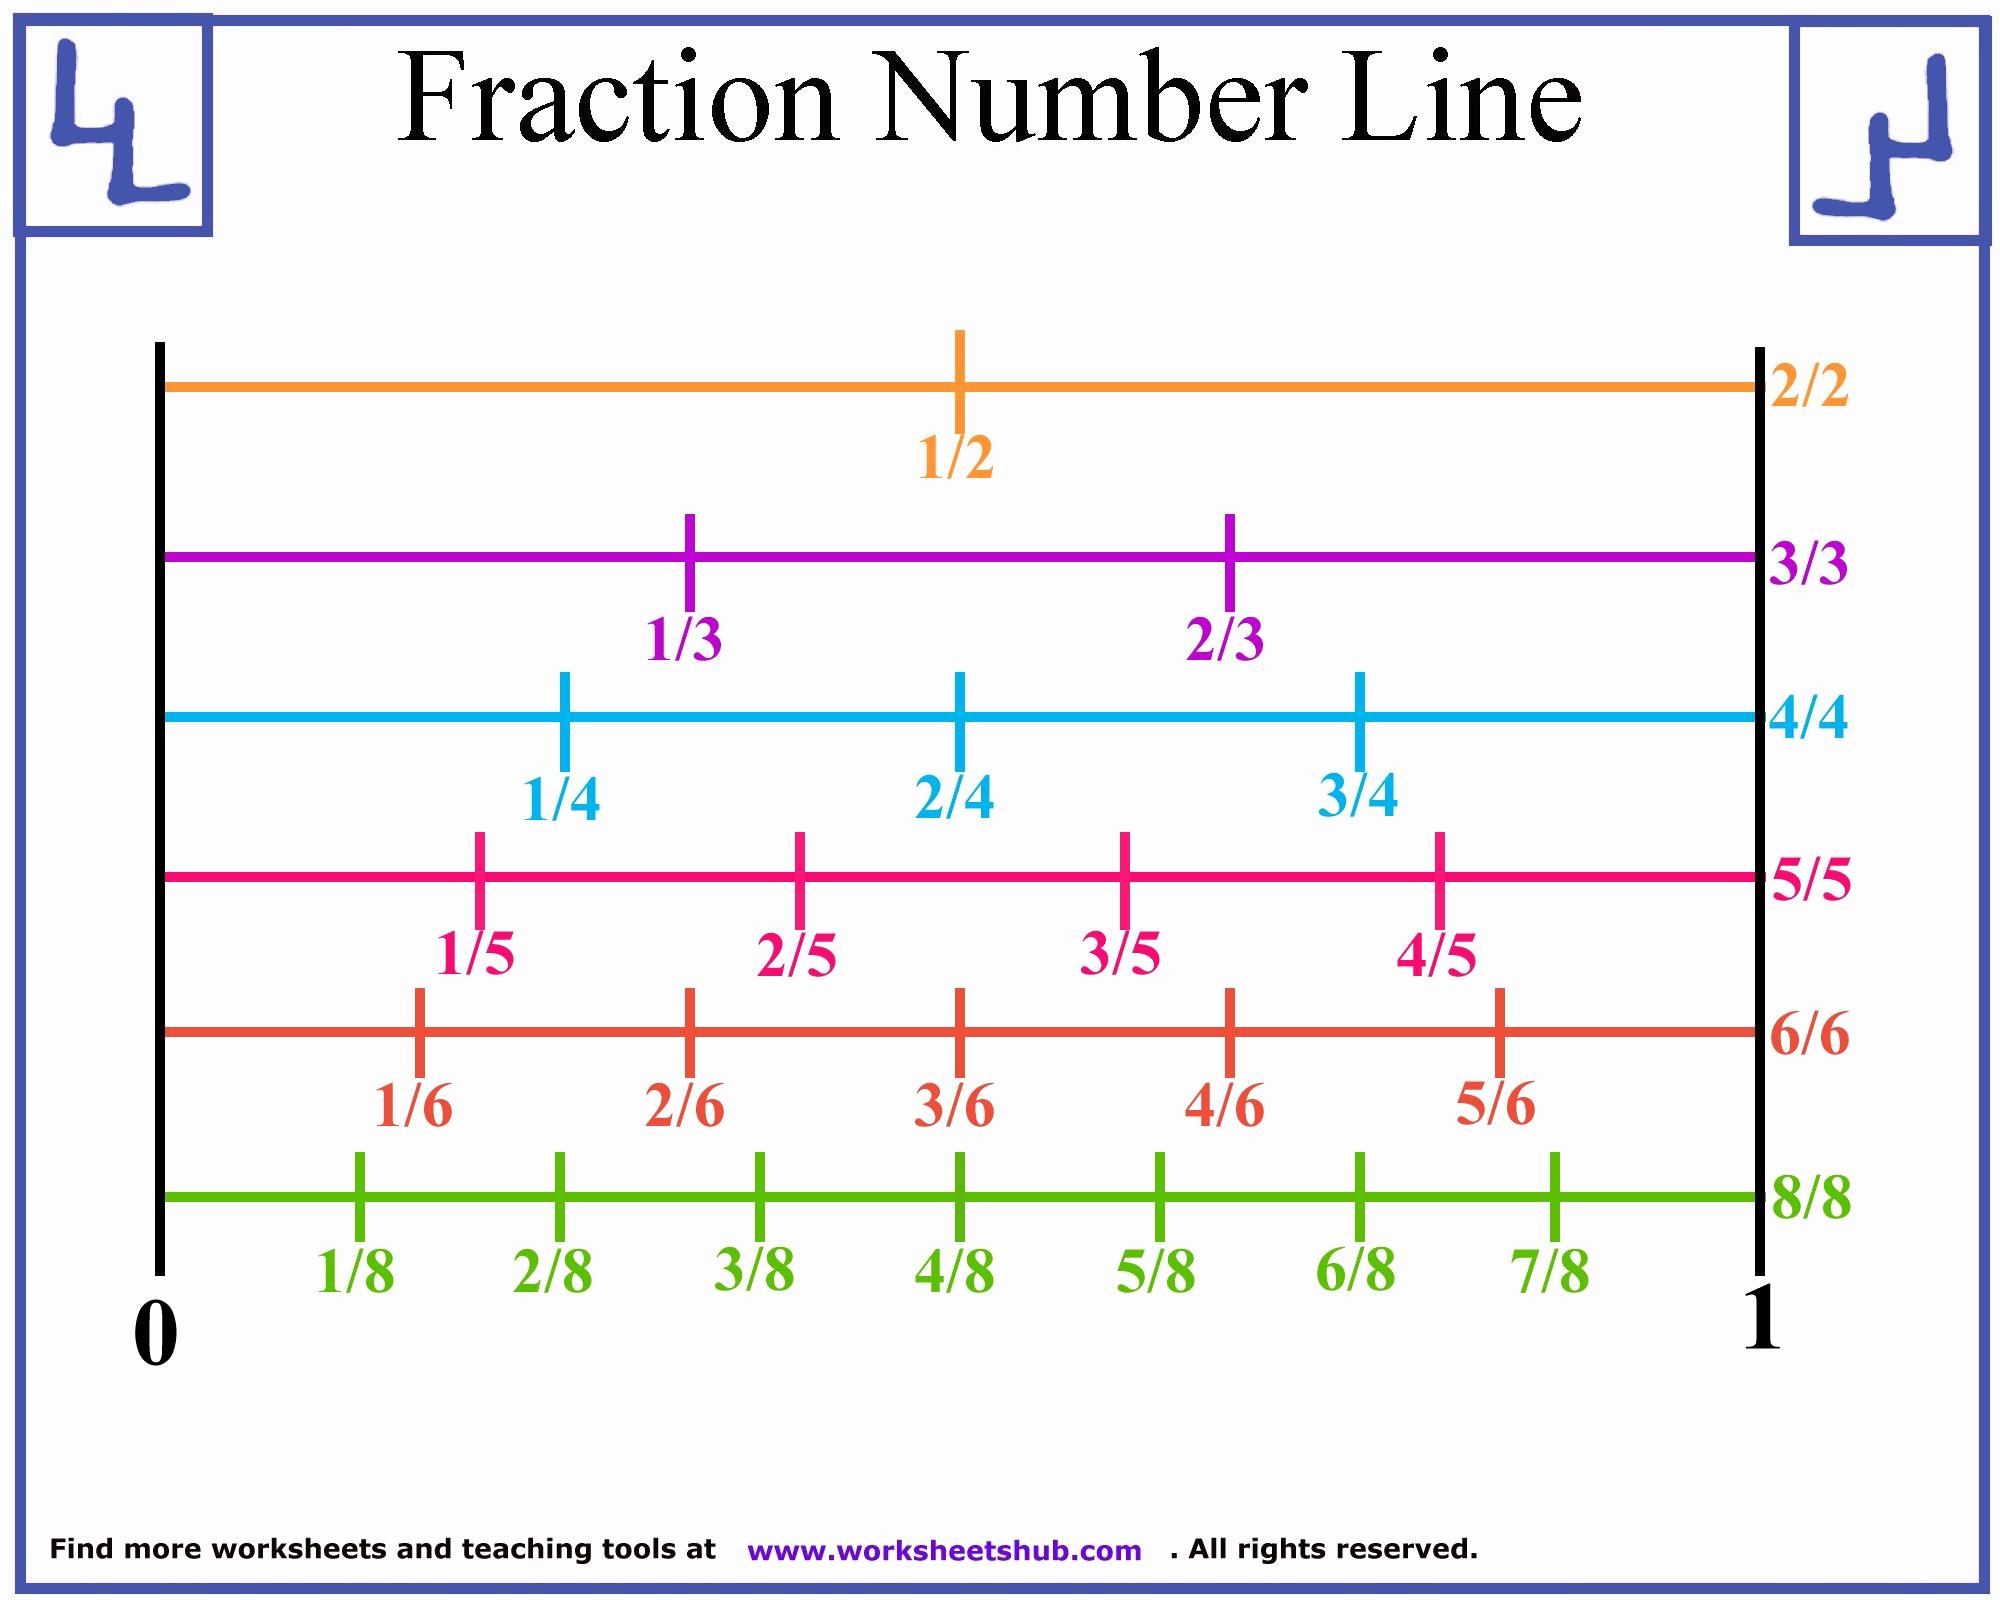 Fraction Number Line Worksheet Lovely Fraction Number Line Printable